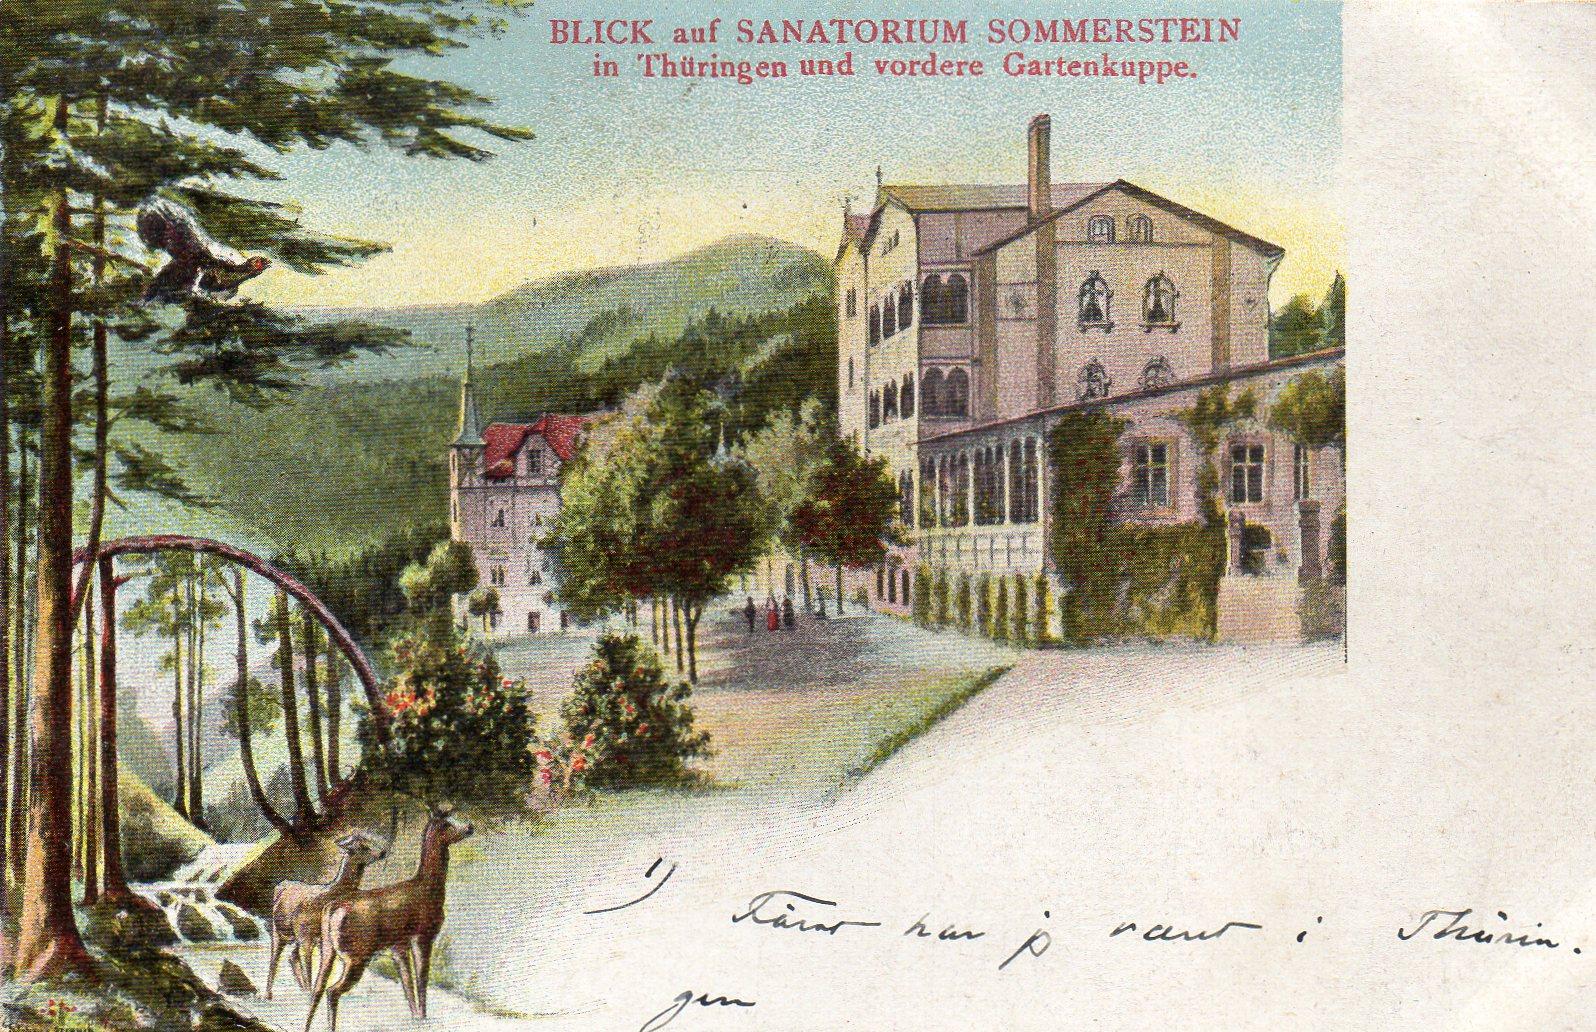 Sanatorium Sommerstein in Thüringen